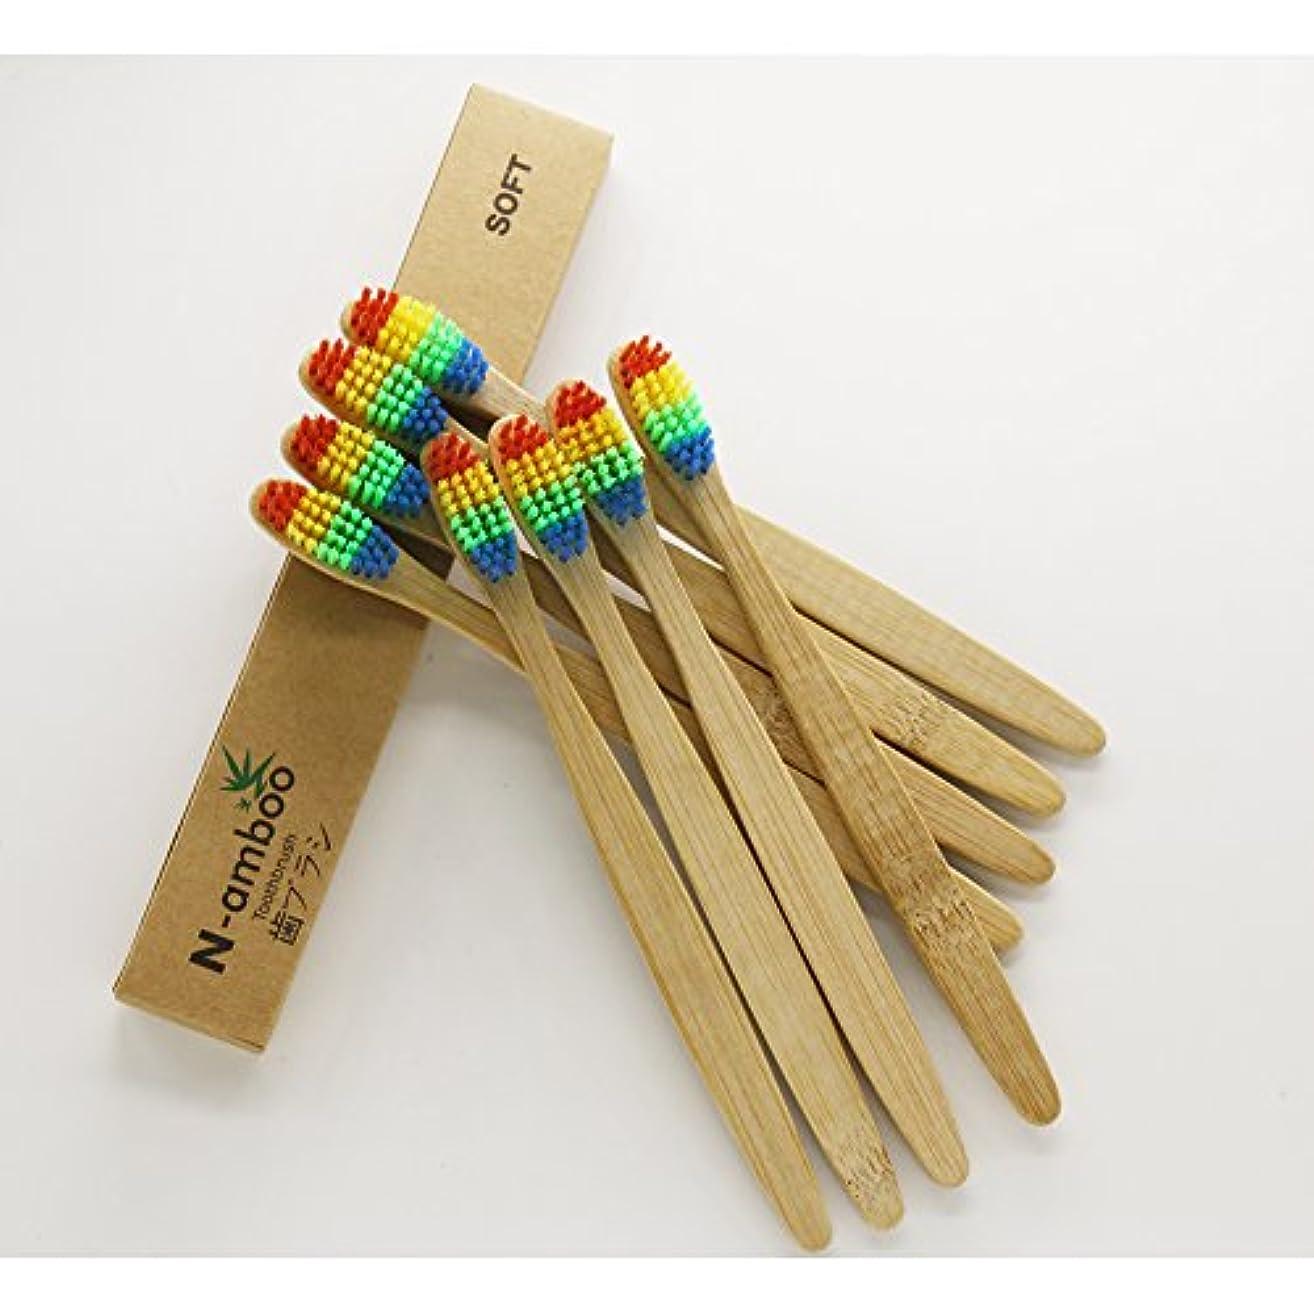 空港オーナーミトンN-amboo 竹製 耐久度高い 歯ブラシ 四色 虹(にじ) 8本入り ファミリー セット